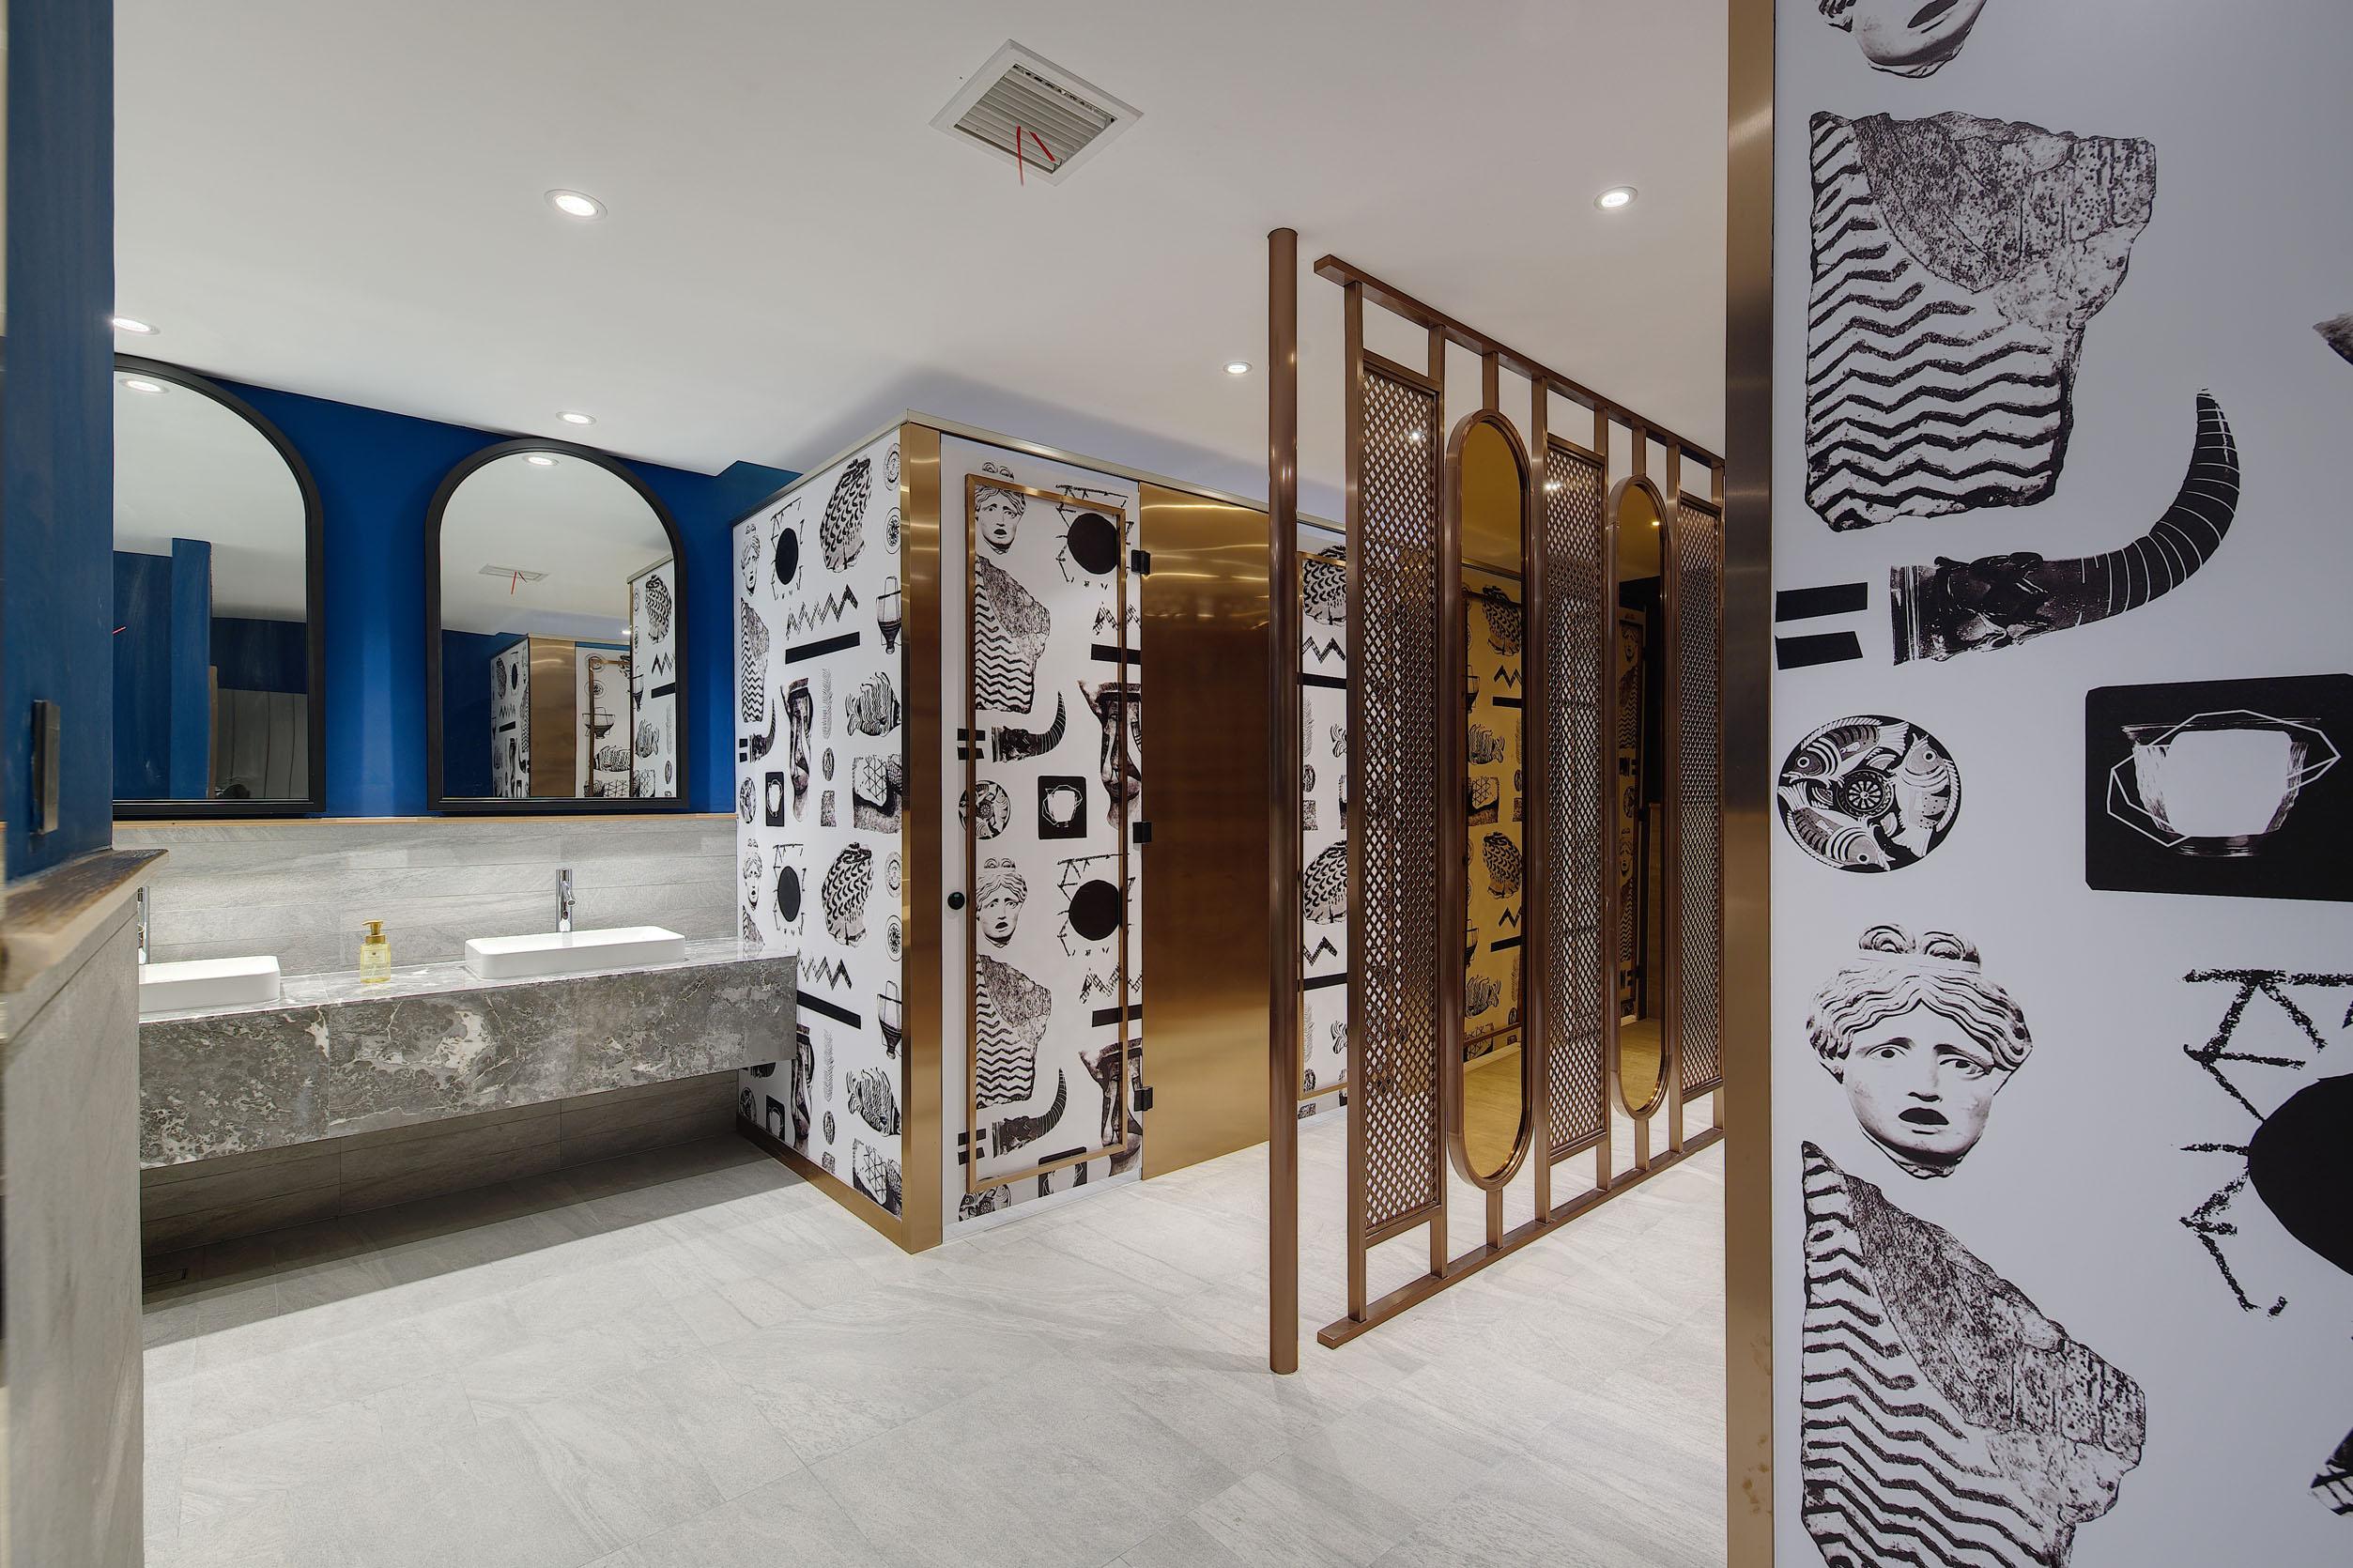 金鹰尚美酒店 酒店品牌如何掘金未来?尚美生活有了更为清晰的答案